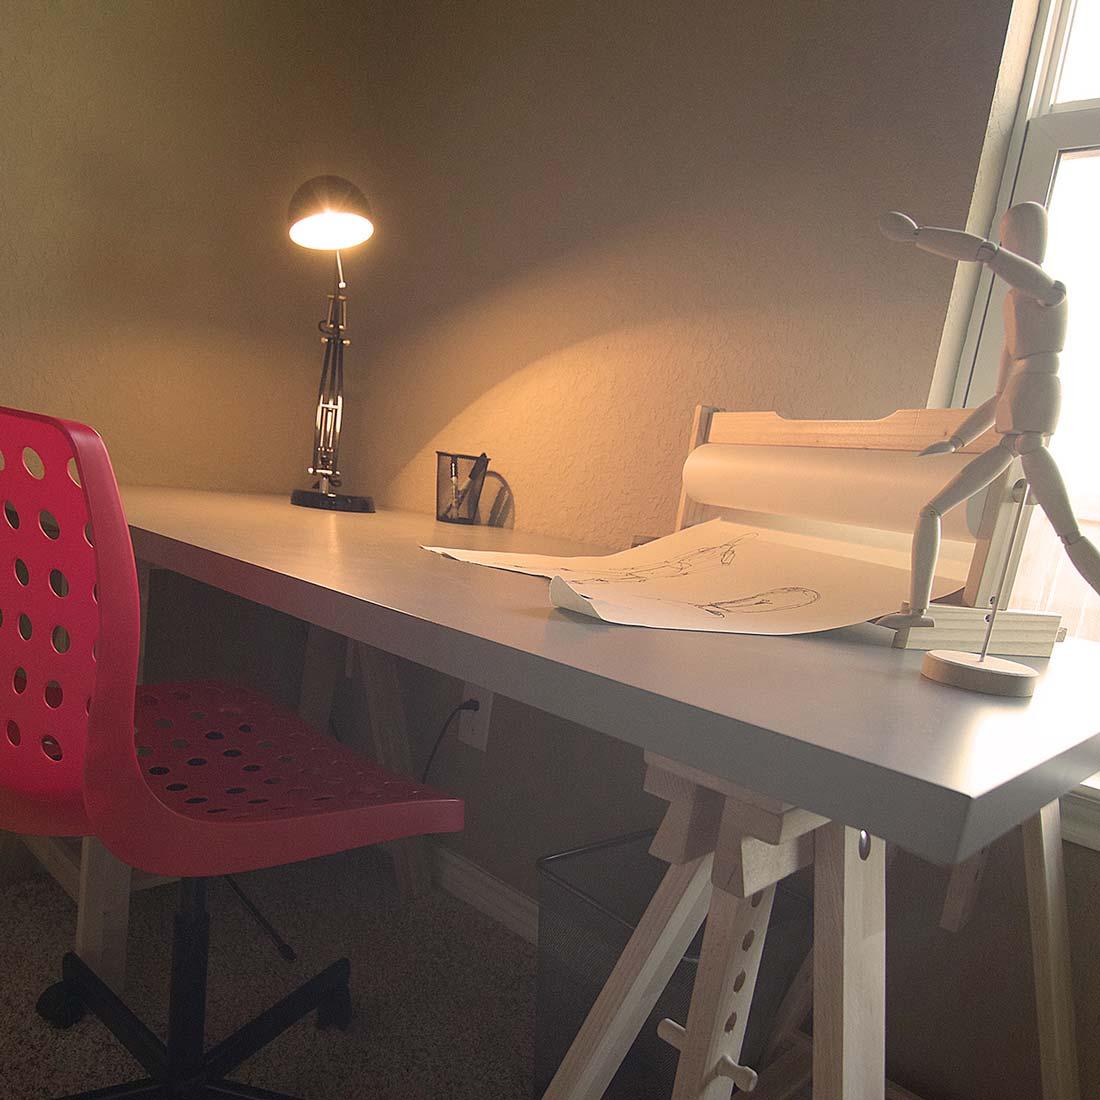 Boy's Desk, Model Home Staging